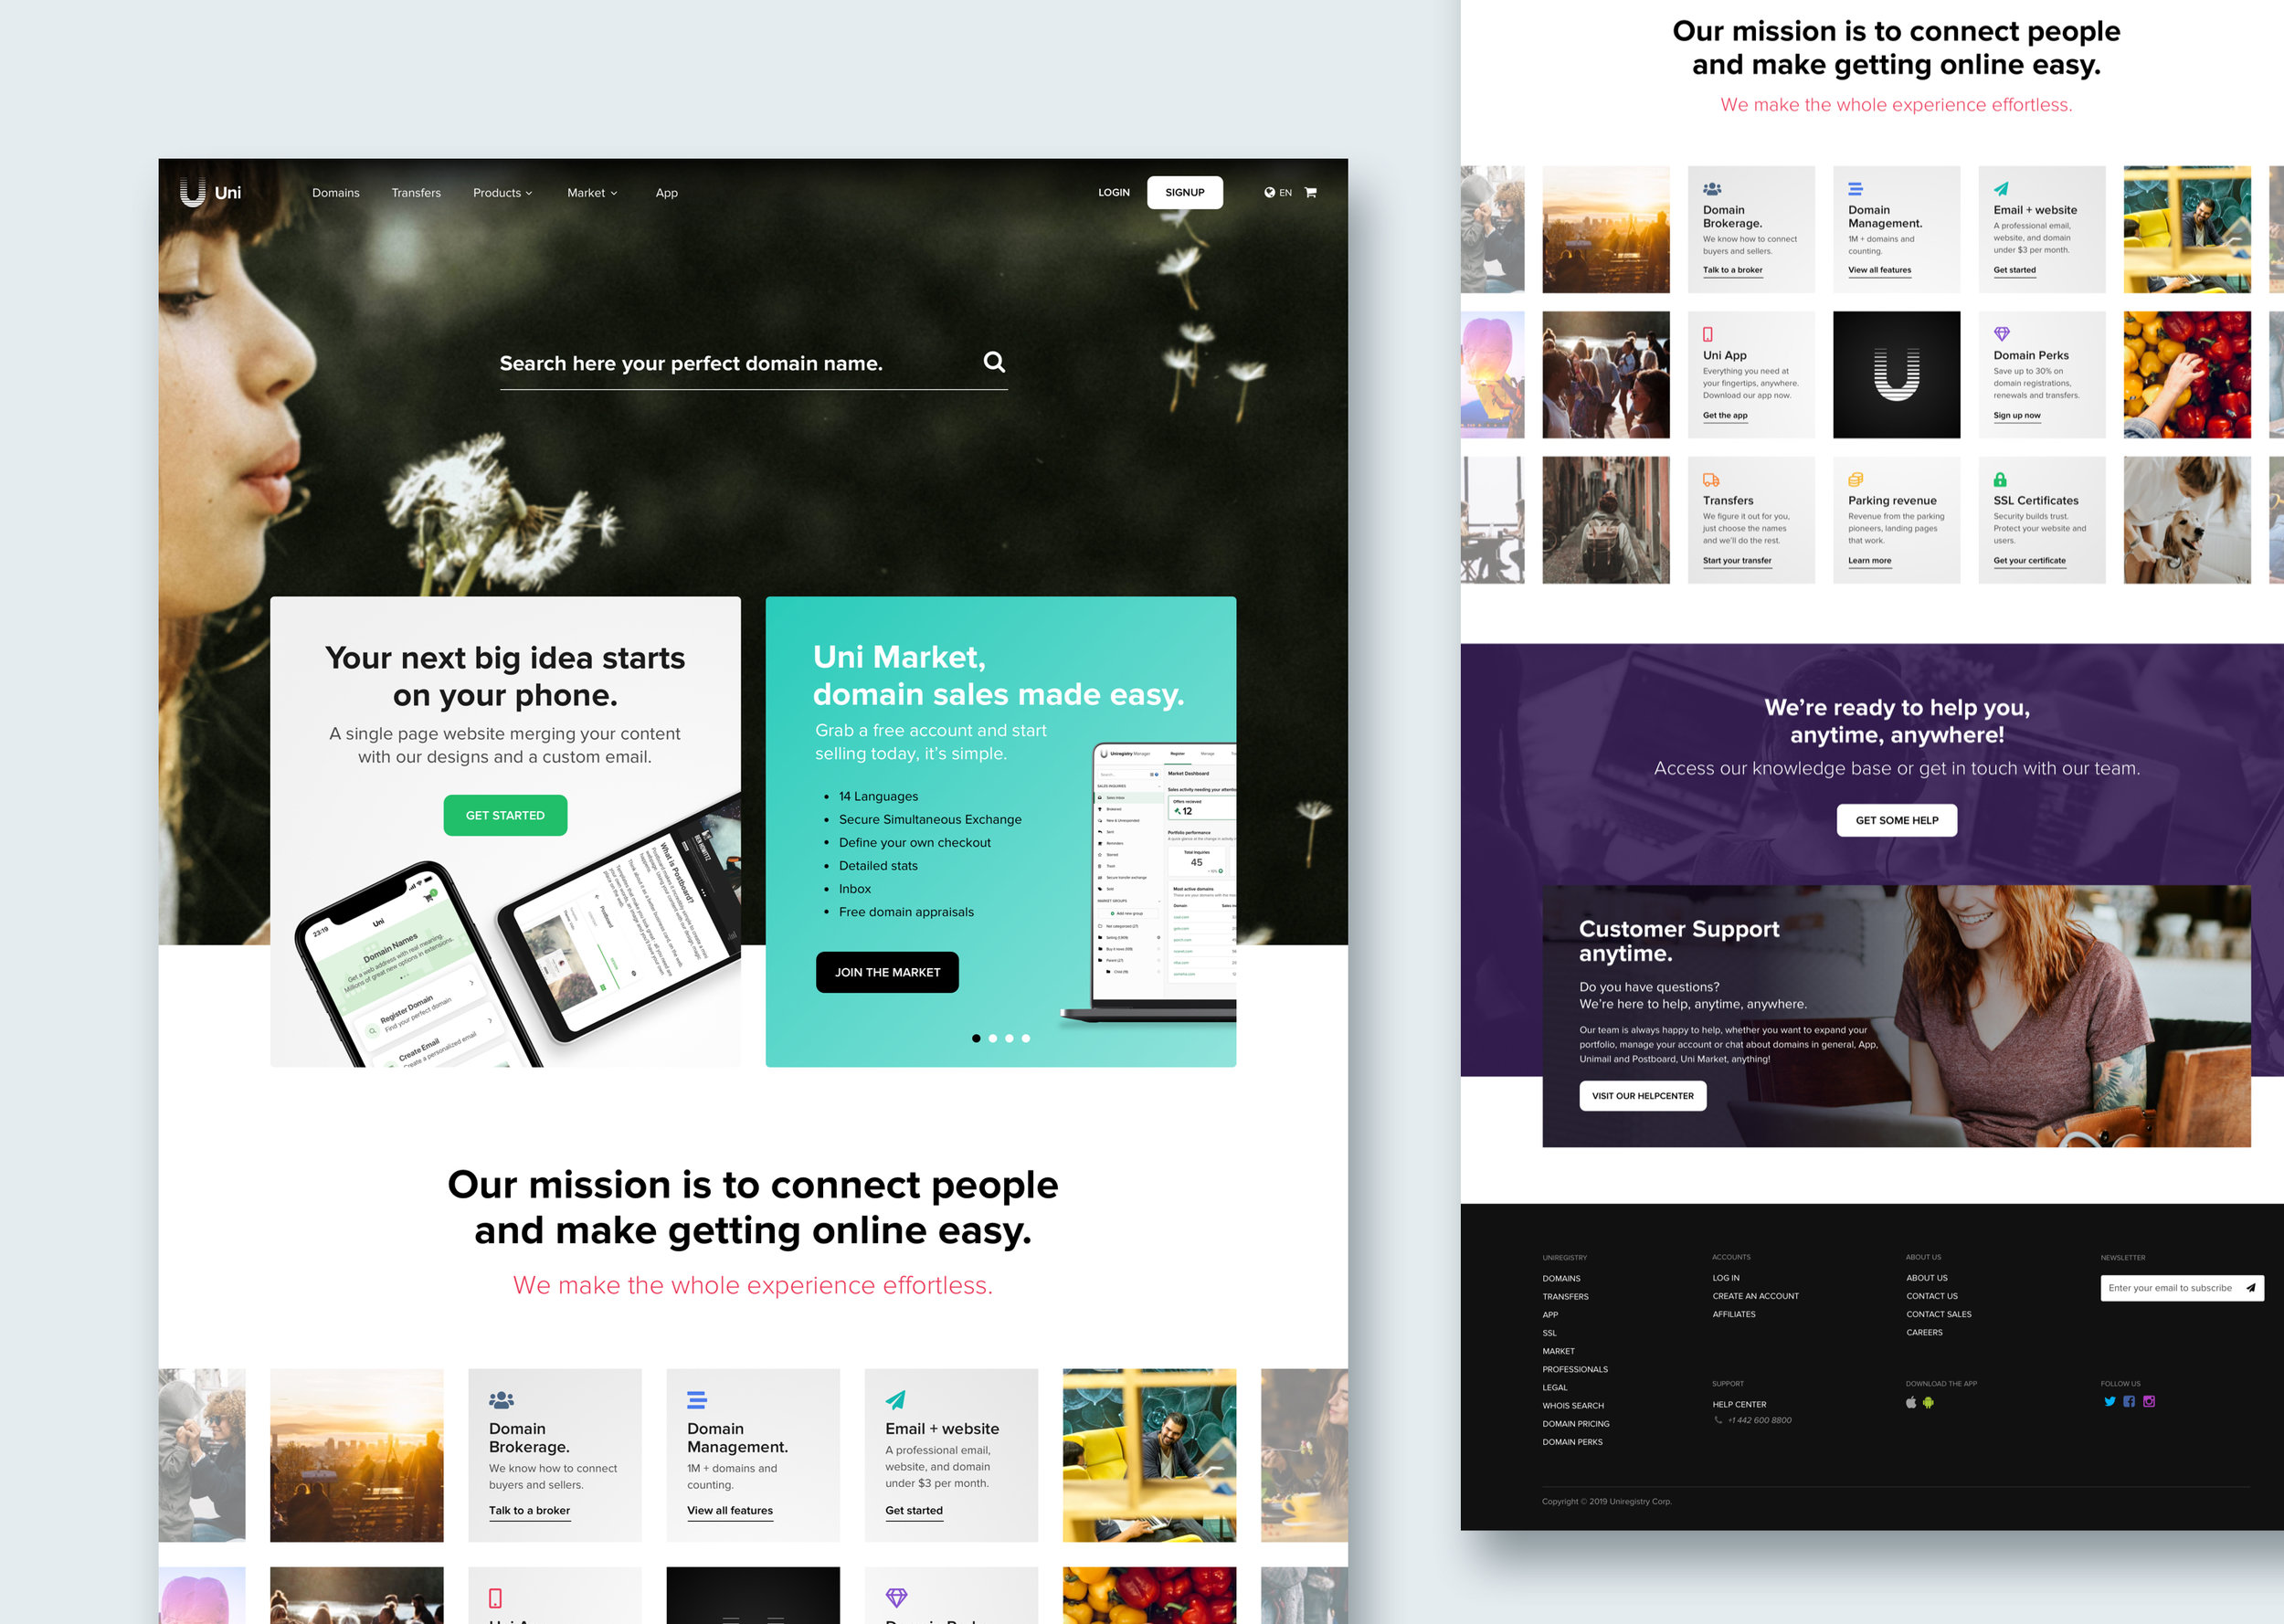 Uniregistry.com redesign